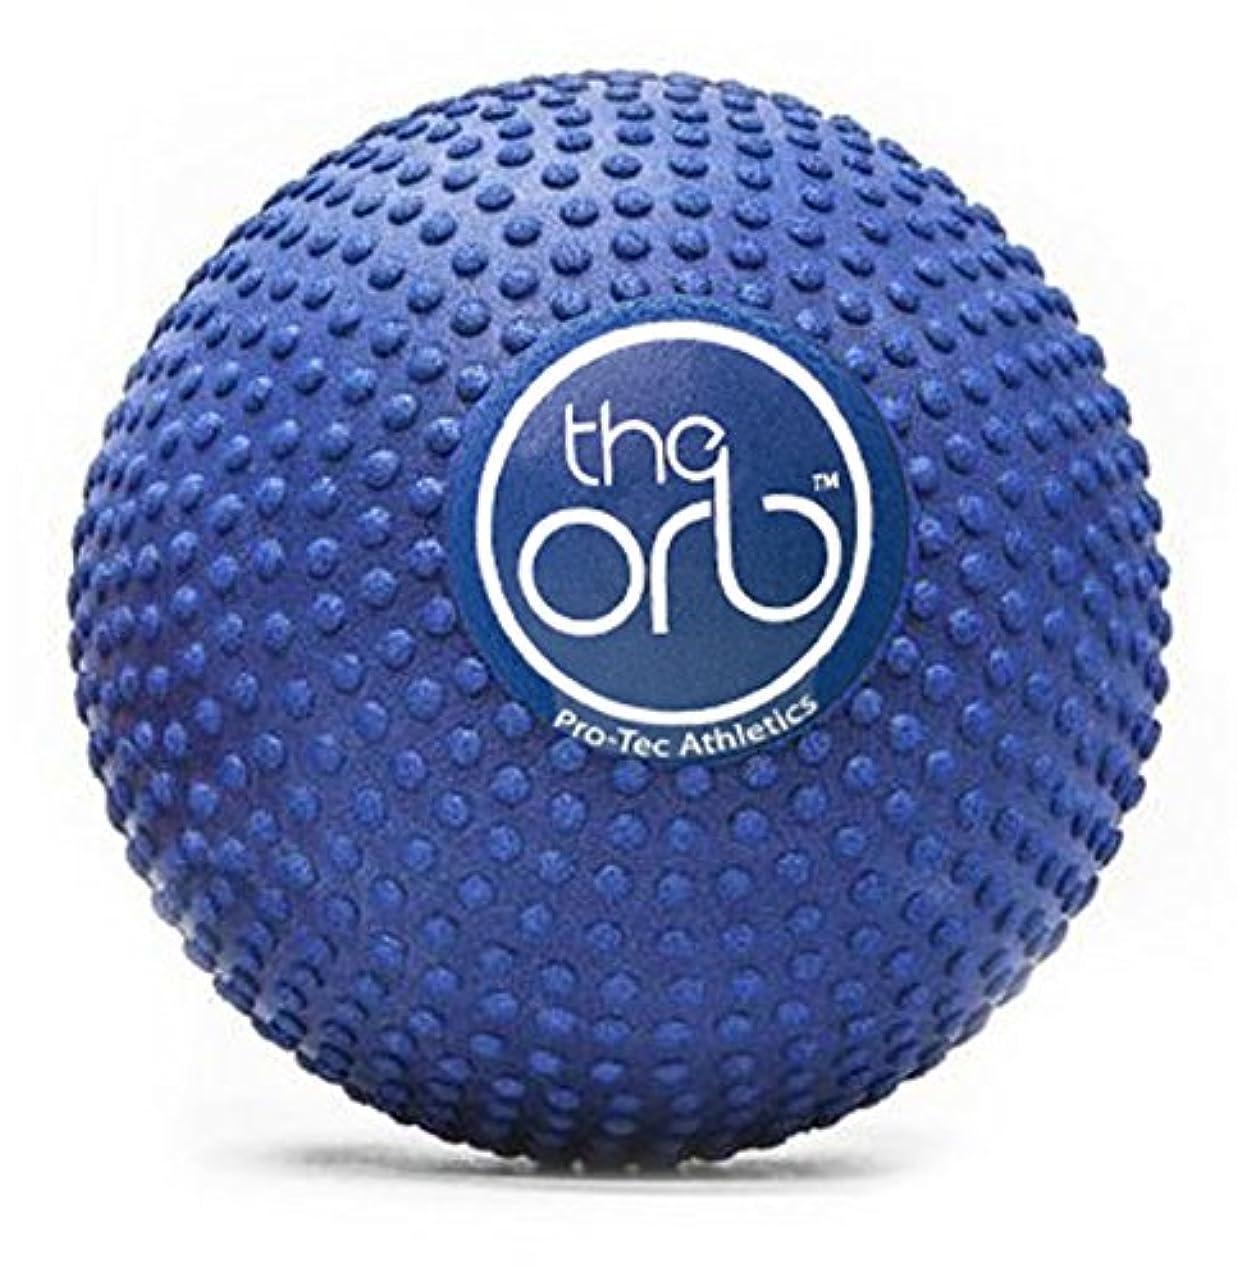 バックグラウンドアブセイアラブ人Pro-Tec Athletics(プロテックアスレチックス) The Orb 5